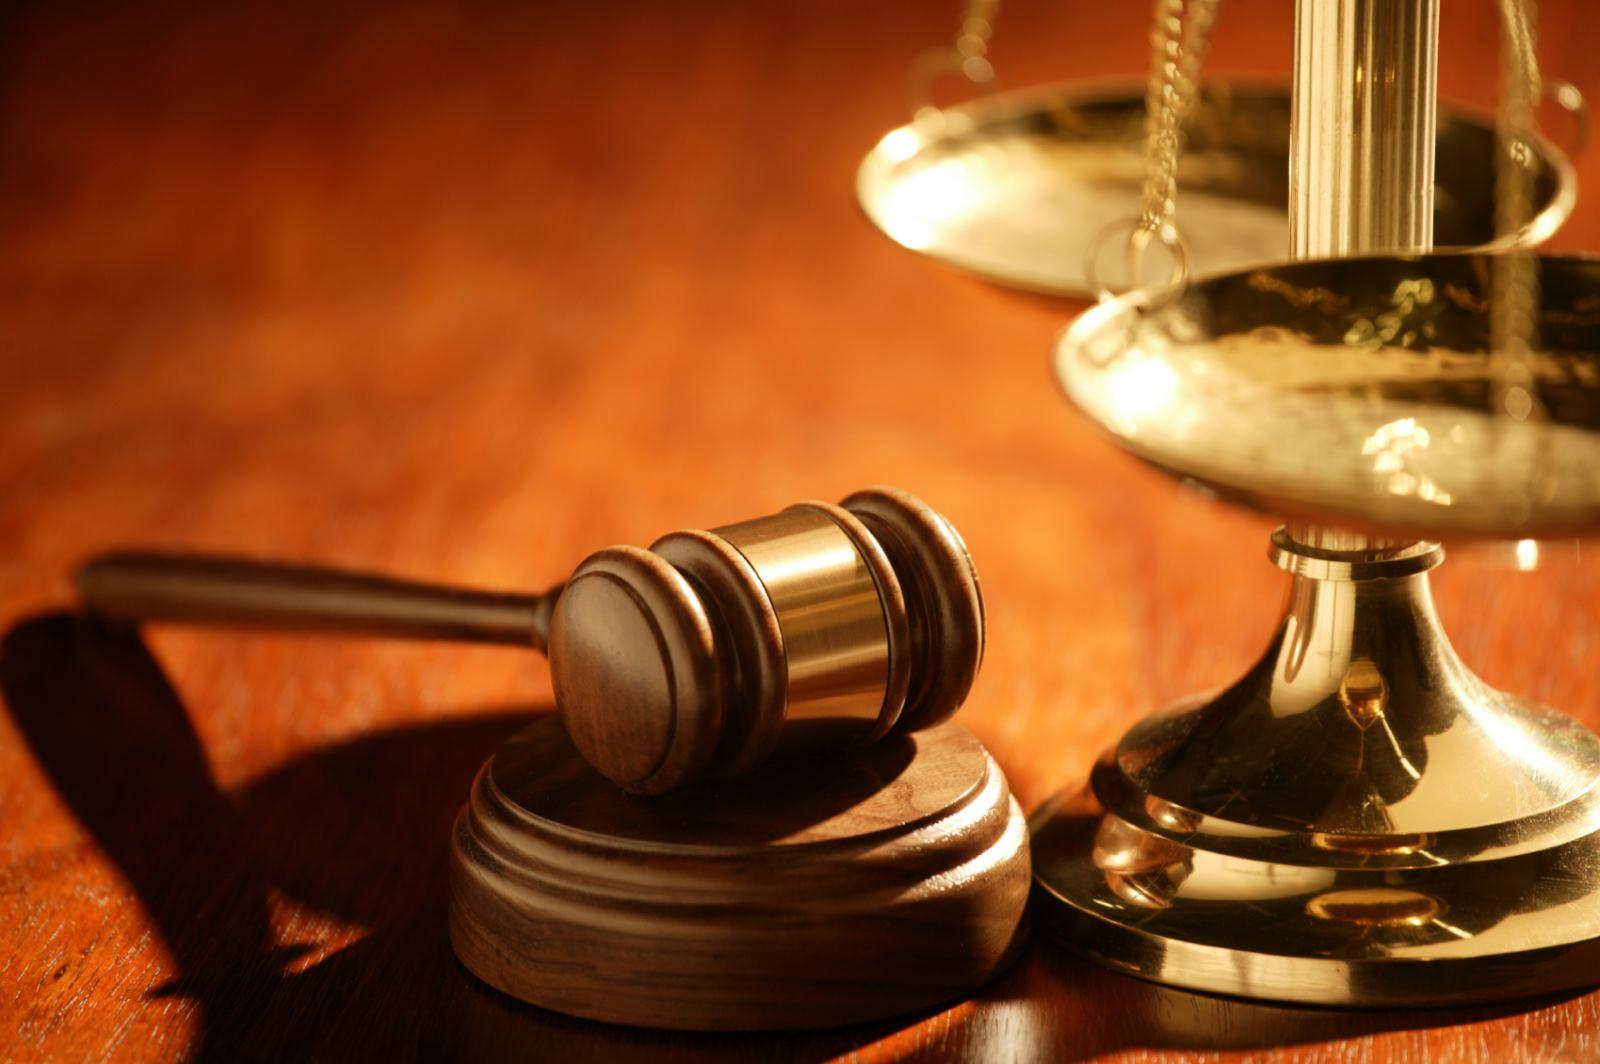 В Харькове суд не смог избрать меру пресечения одиозной чиновнице из-за горсовета